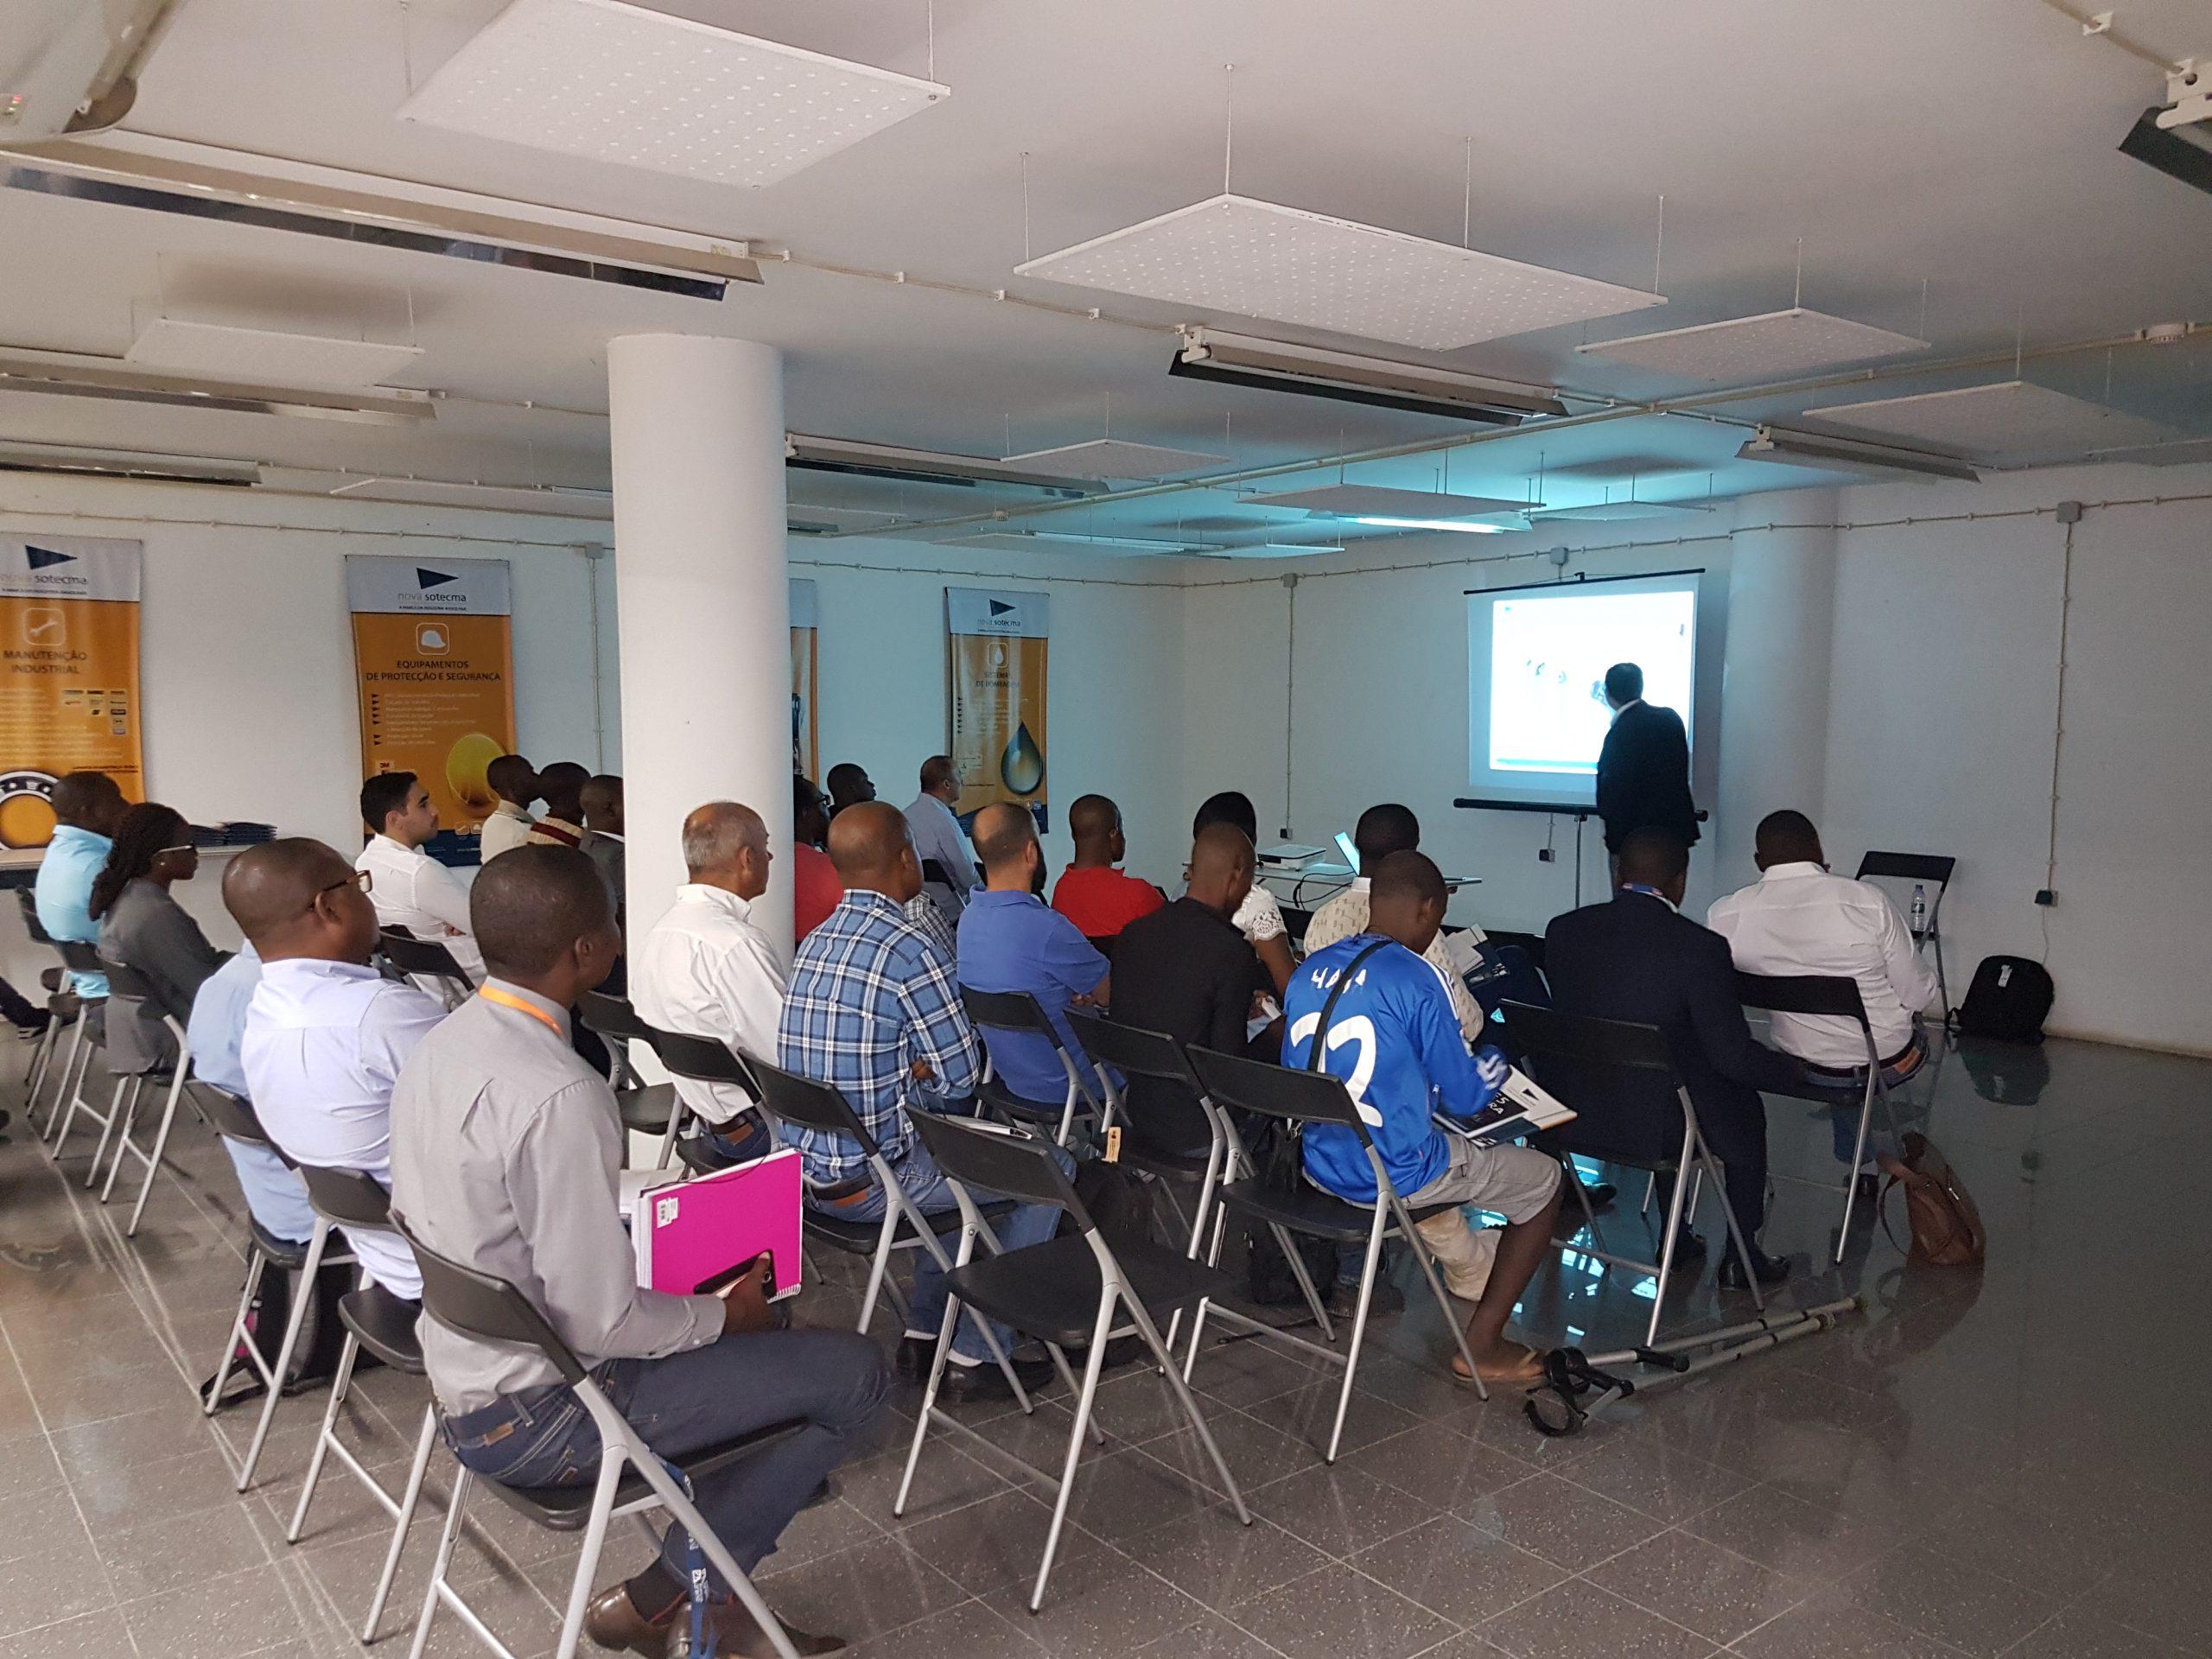 """Seminário """"Grandes sistemas de bombeamento – Grundfos"""" enche centro de formação da Nova Sotecma em Luanda"""